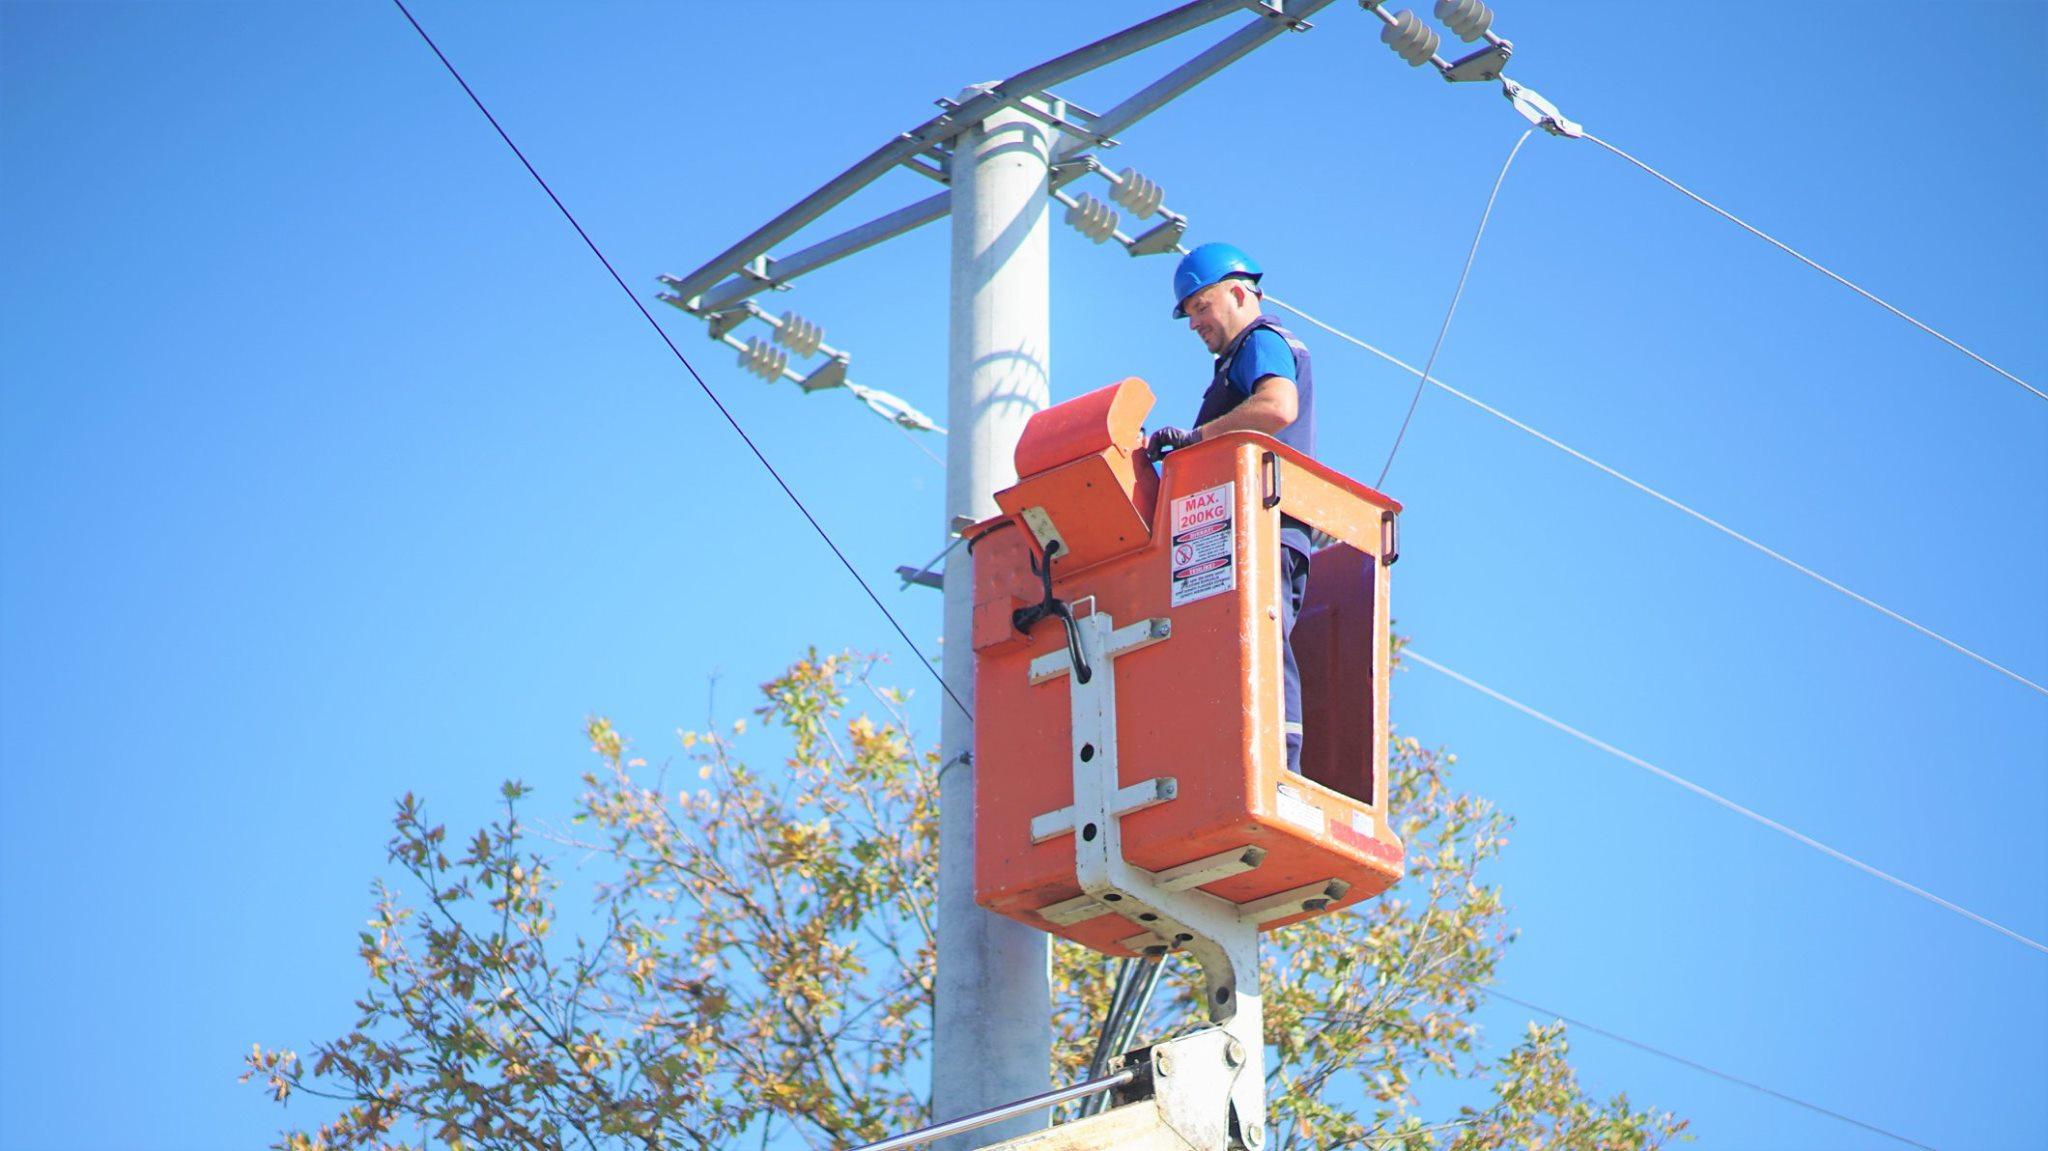 Të mërkurën bizneset në Zonën Industriale në Shirokë do të mbesin 3 orë pa energji elektrike